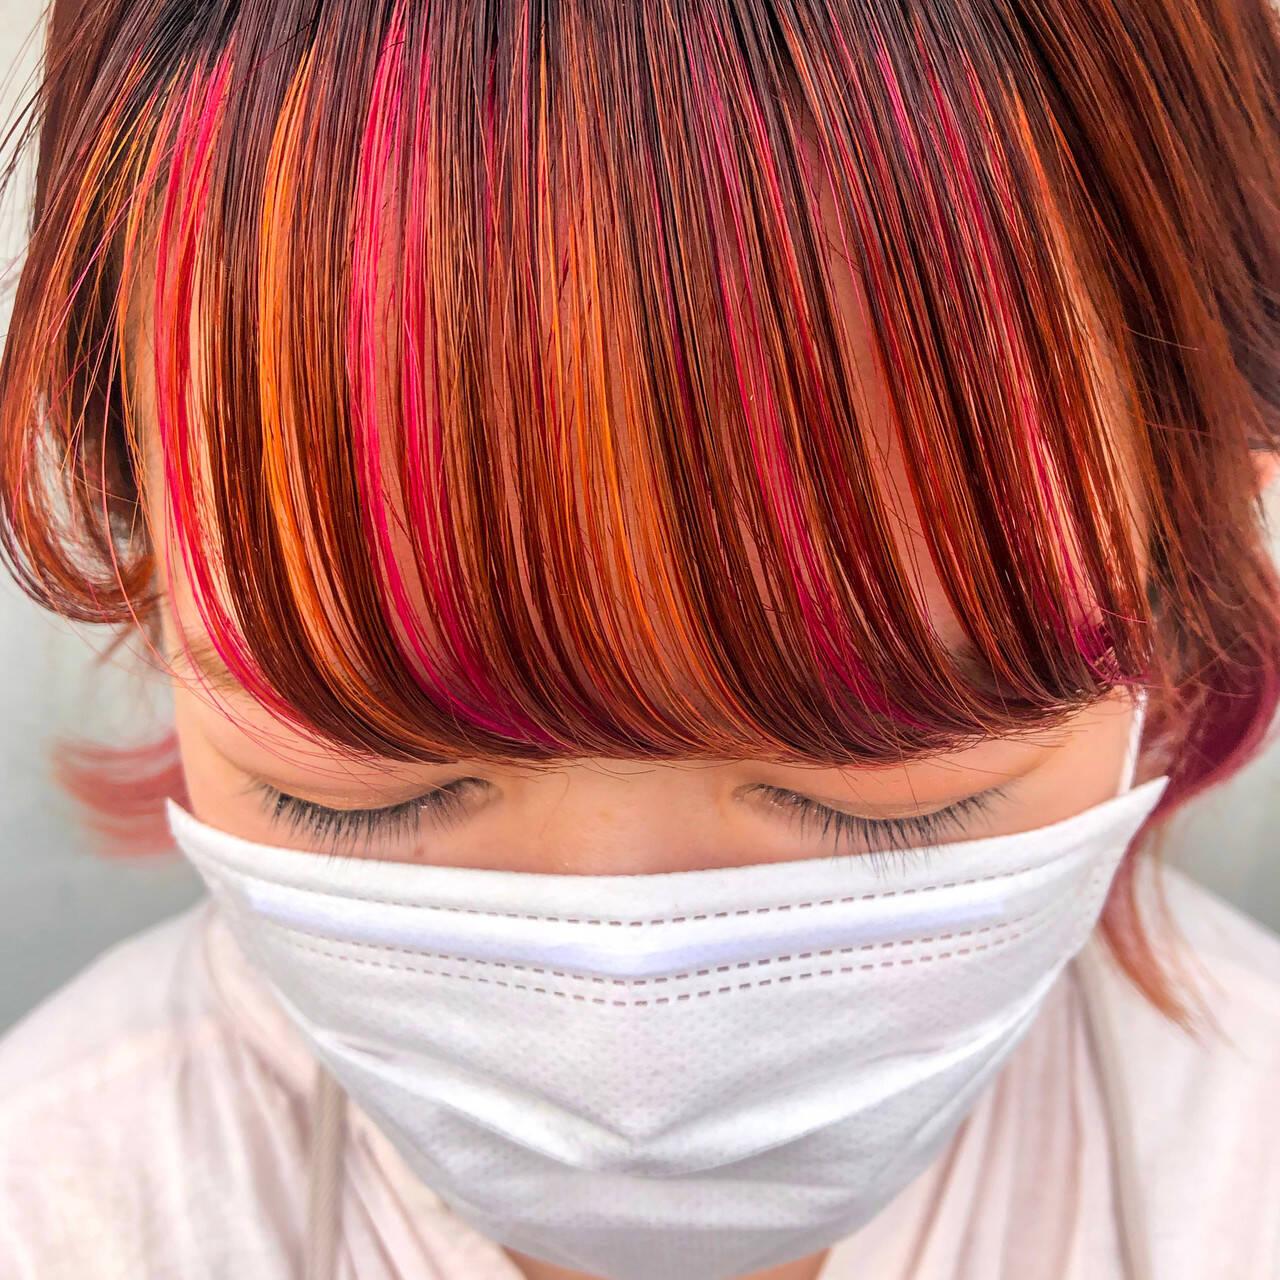 オレンジ ベリーピンク オレンジカラー ショートヘアスタイルや髪型の写真・画像